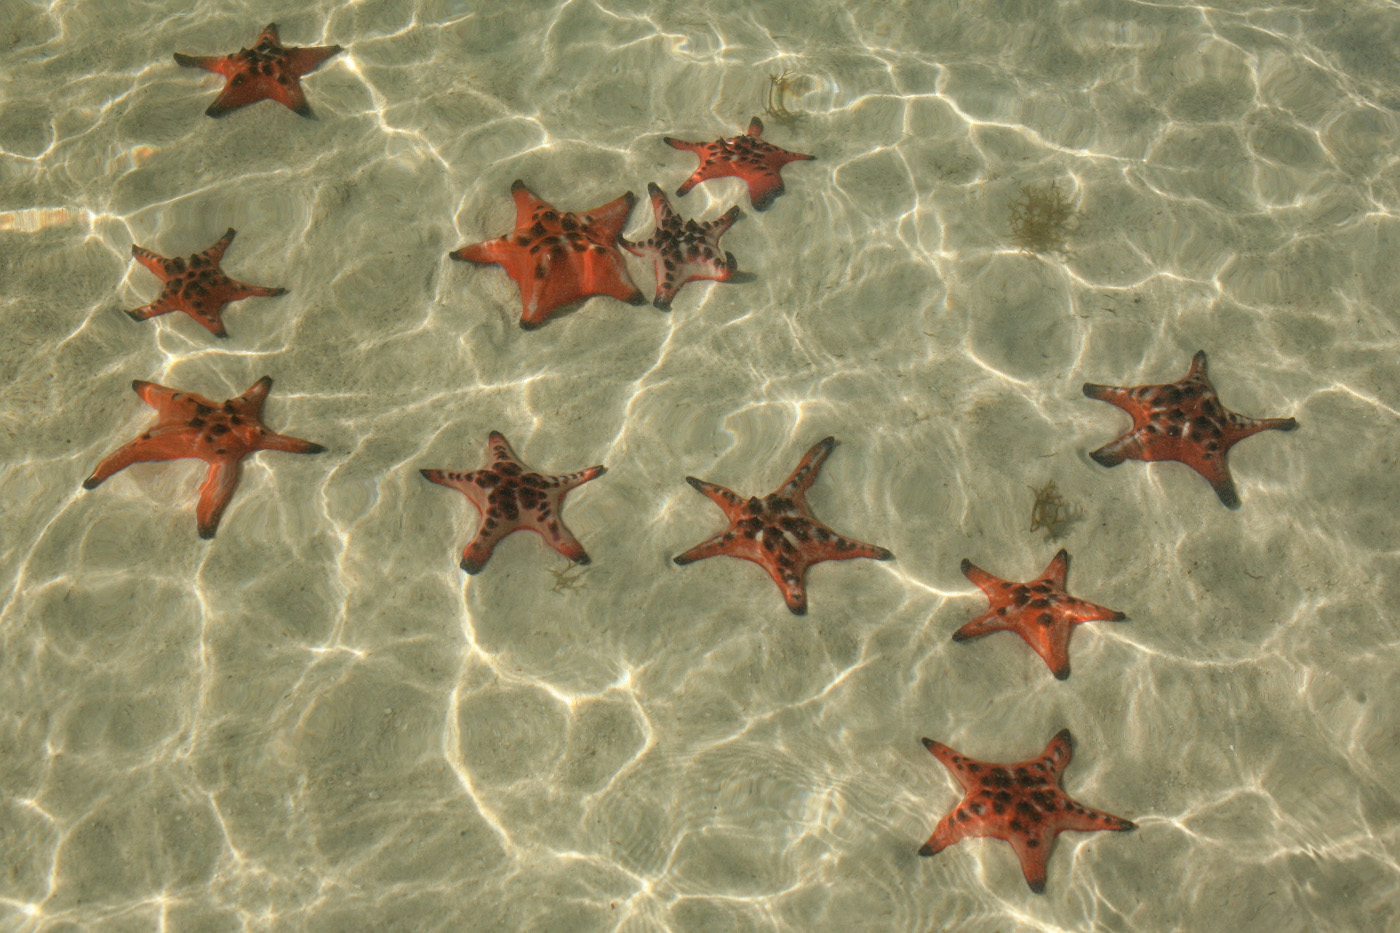 19. Морские звёзды, давшие название пляжу BaiRach Vem (Starfish Beach). 1/50, 18.0, 100, 80.